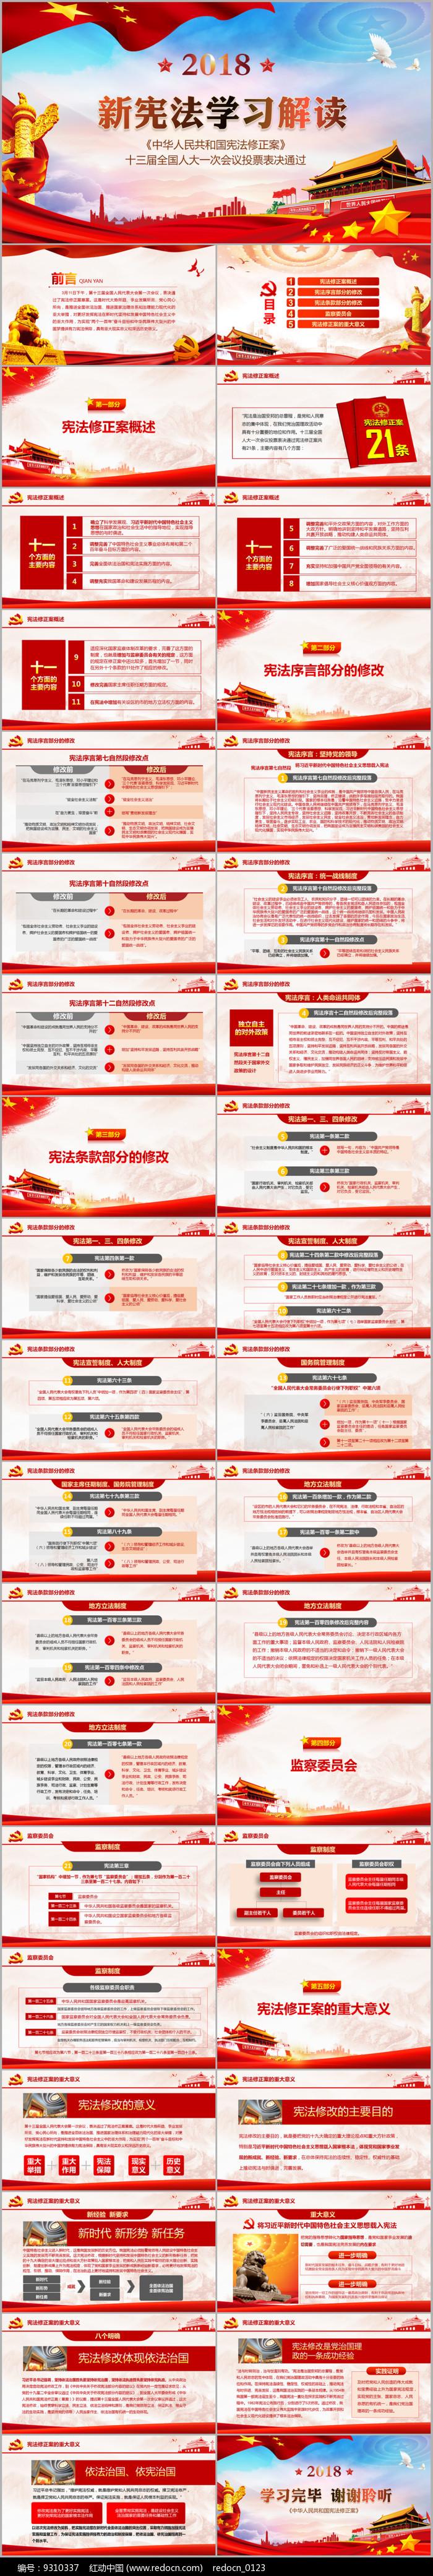 中华人民共和国宪法修正案解读PPT图片